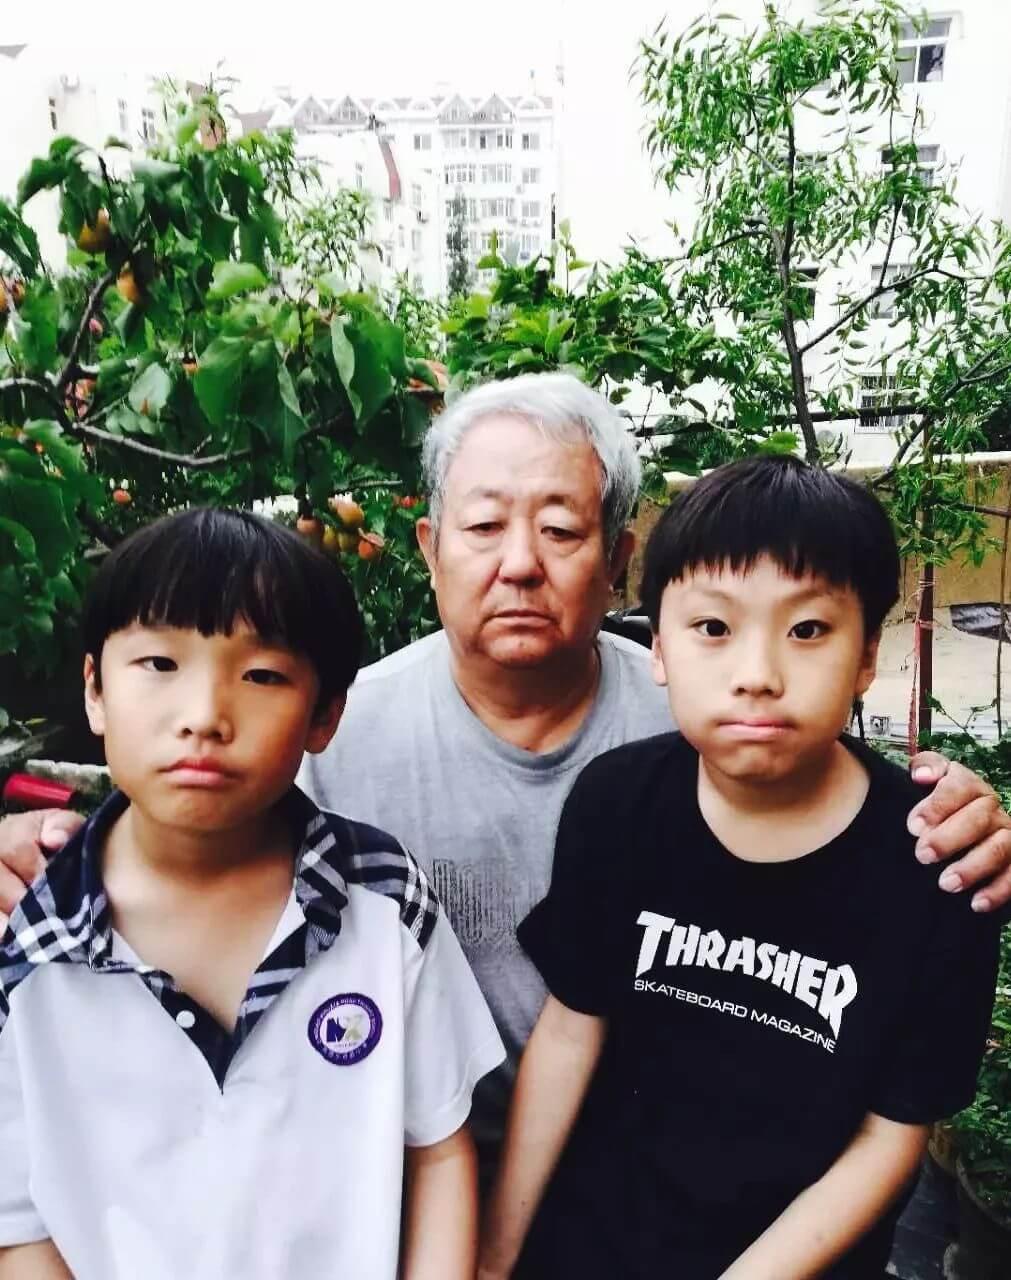 (袁飞的父亲和双胞胎儿子)